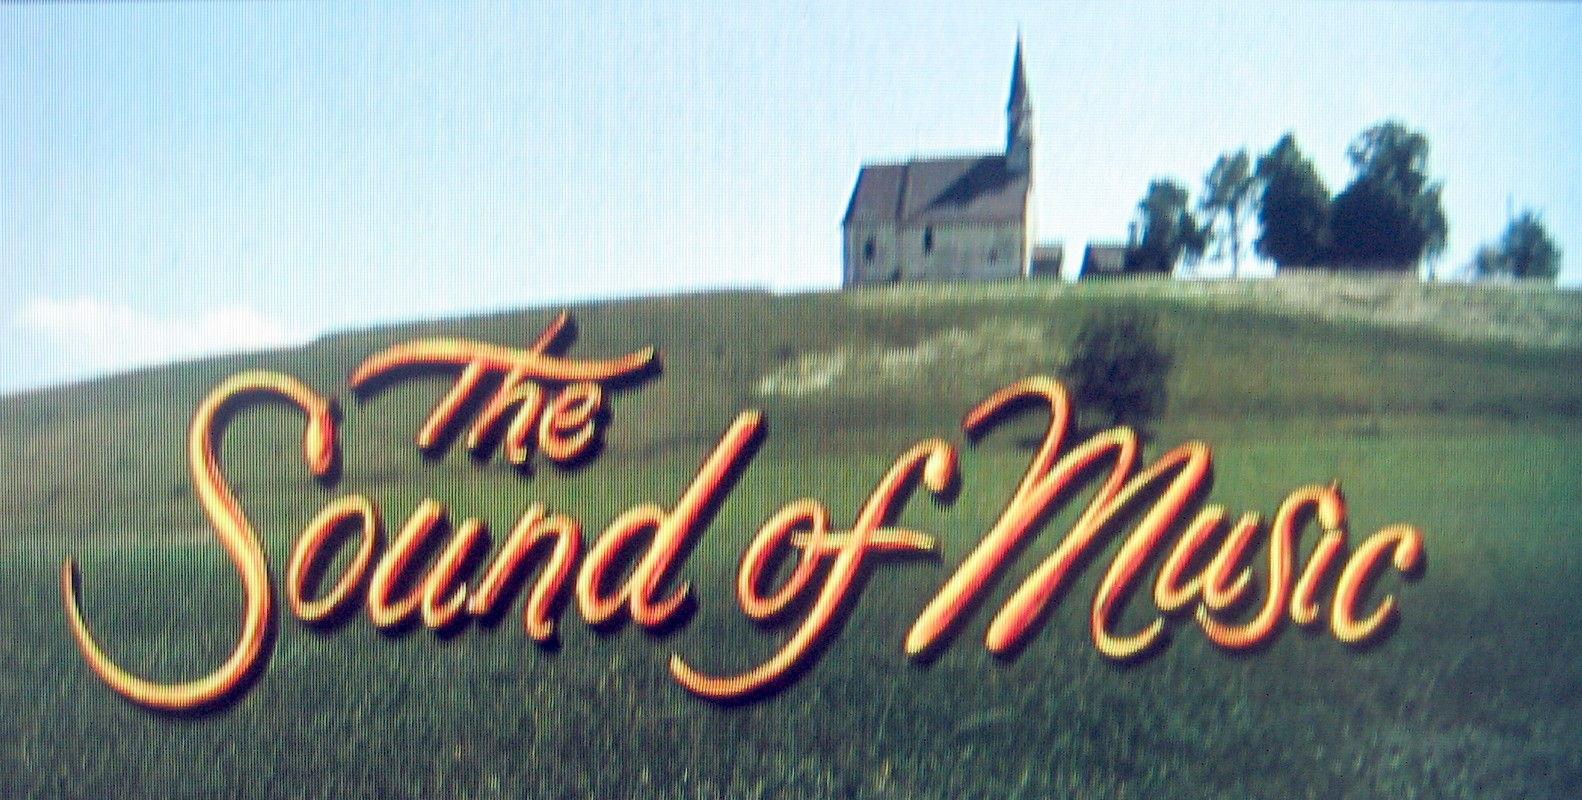 サウンド・オブ・ミュージック (映画)の画像 p1_35